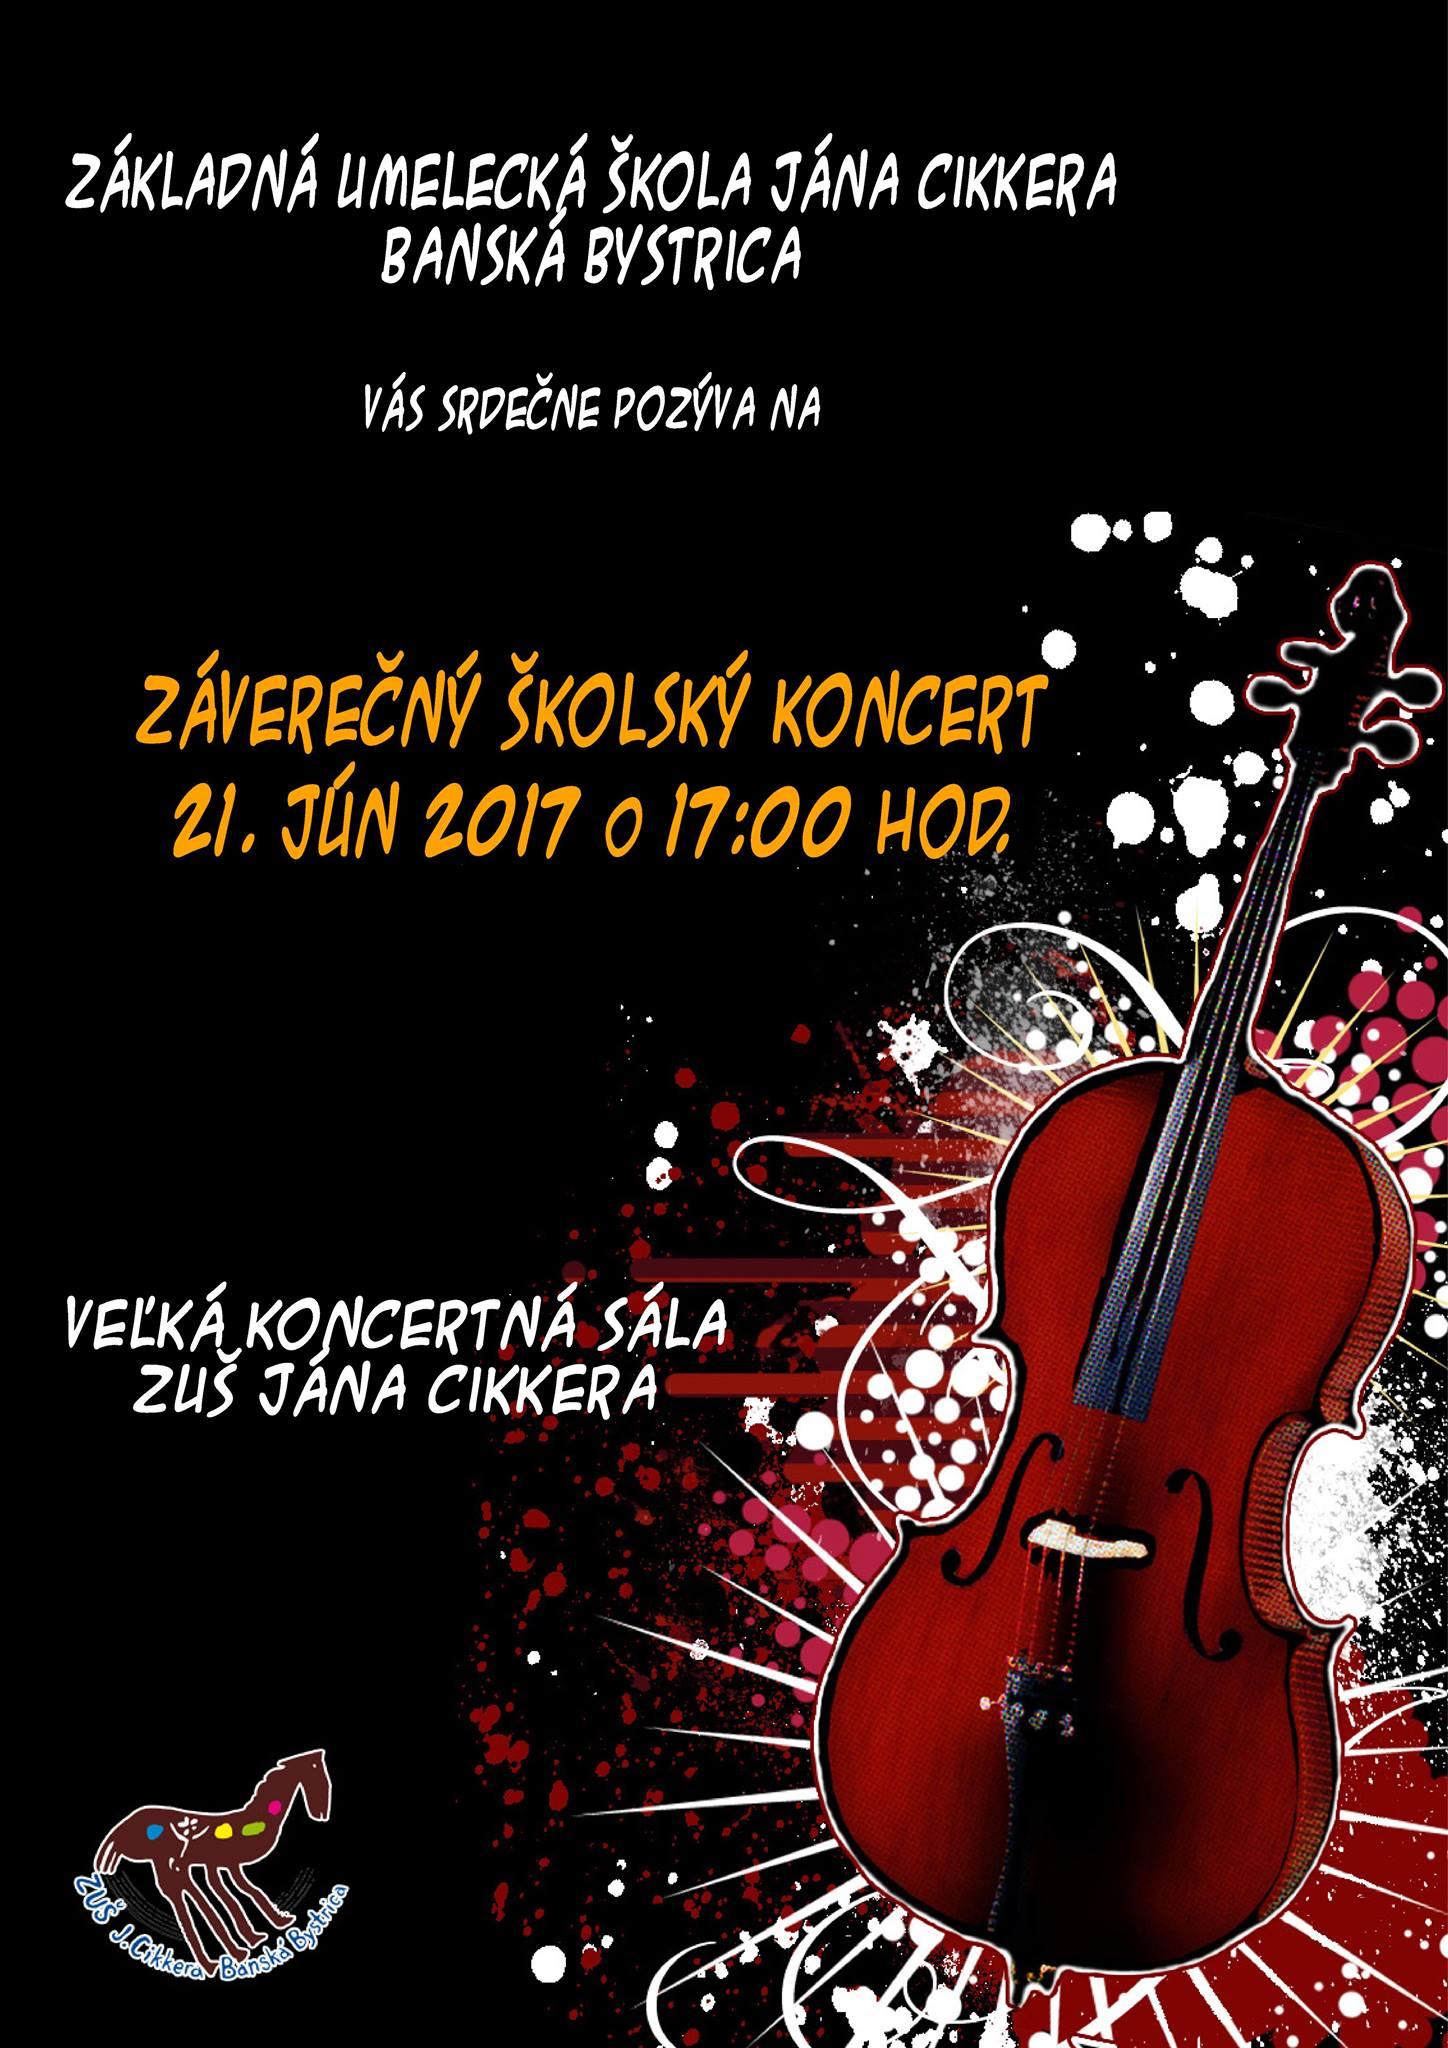 Záverečný školský koncert 2017